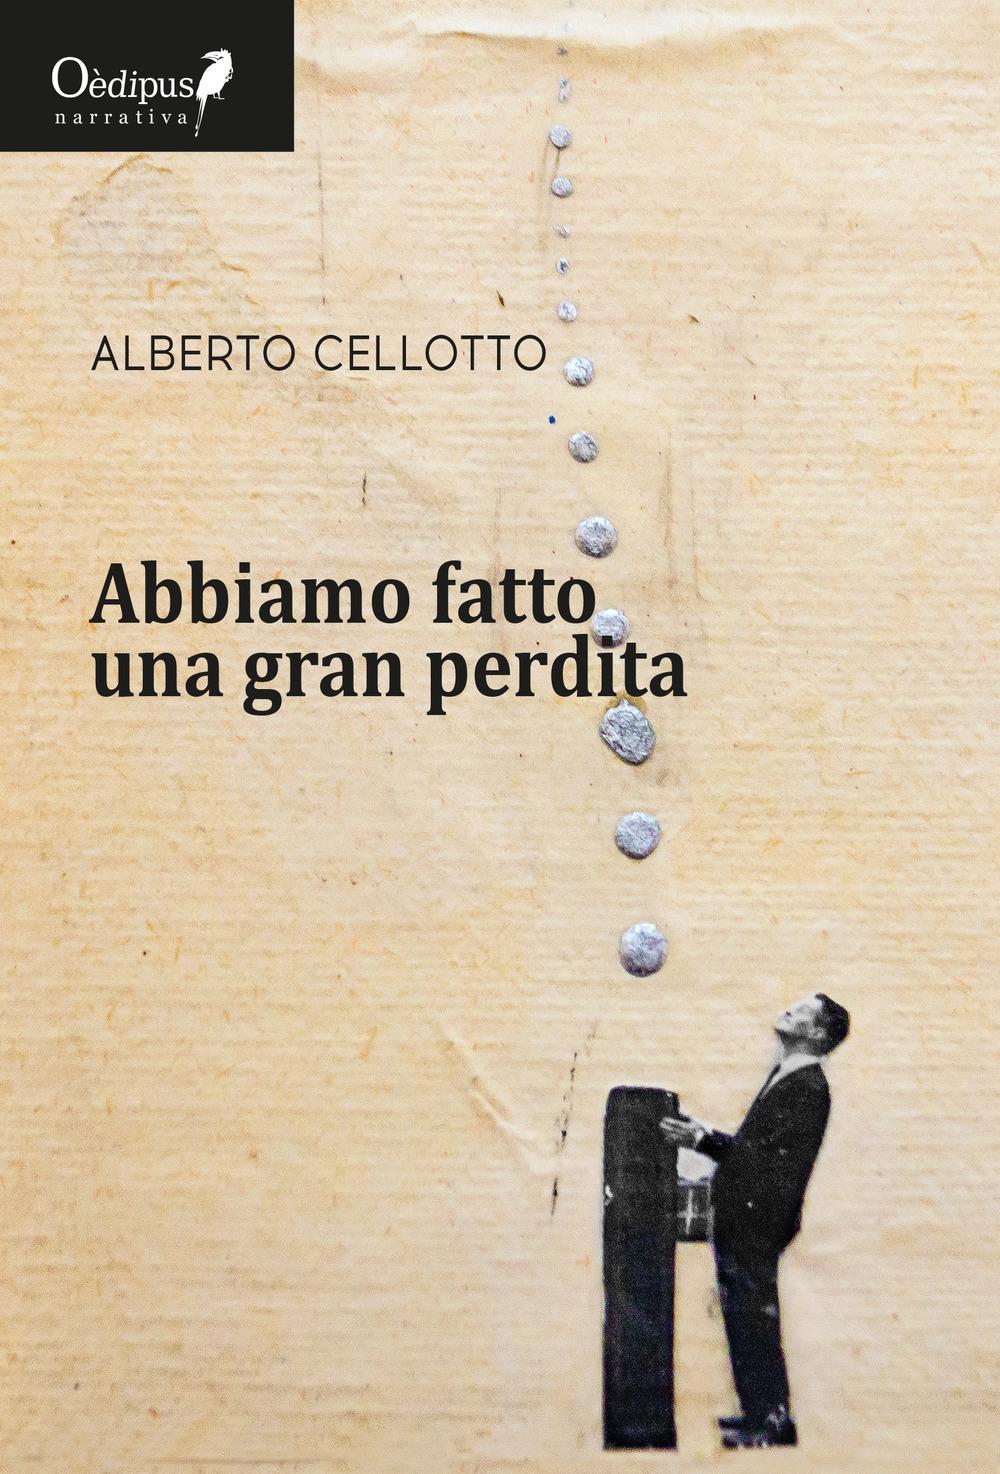 Alberto Cellotto